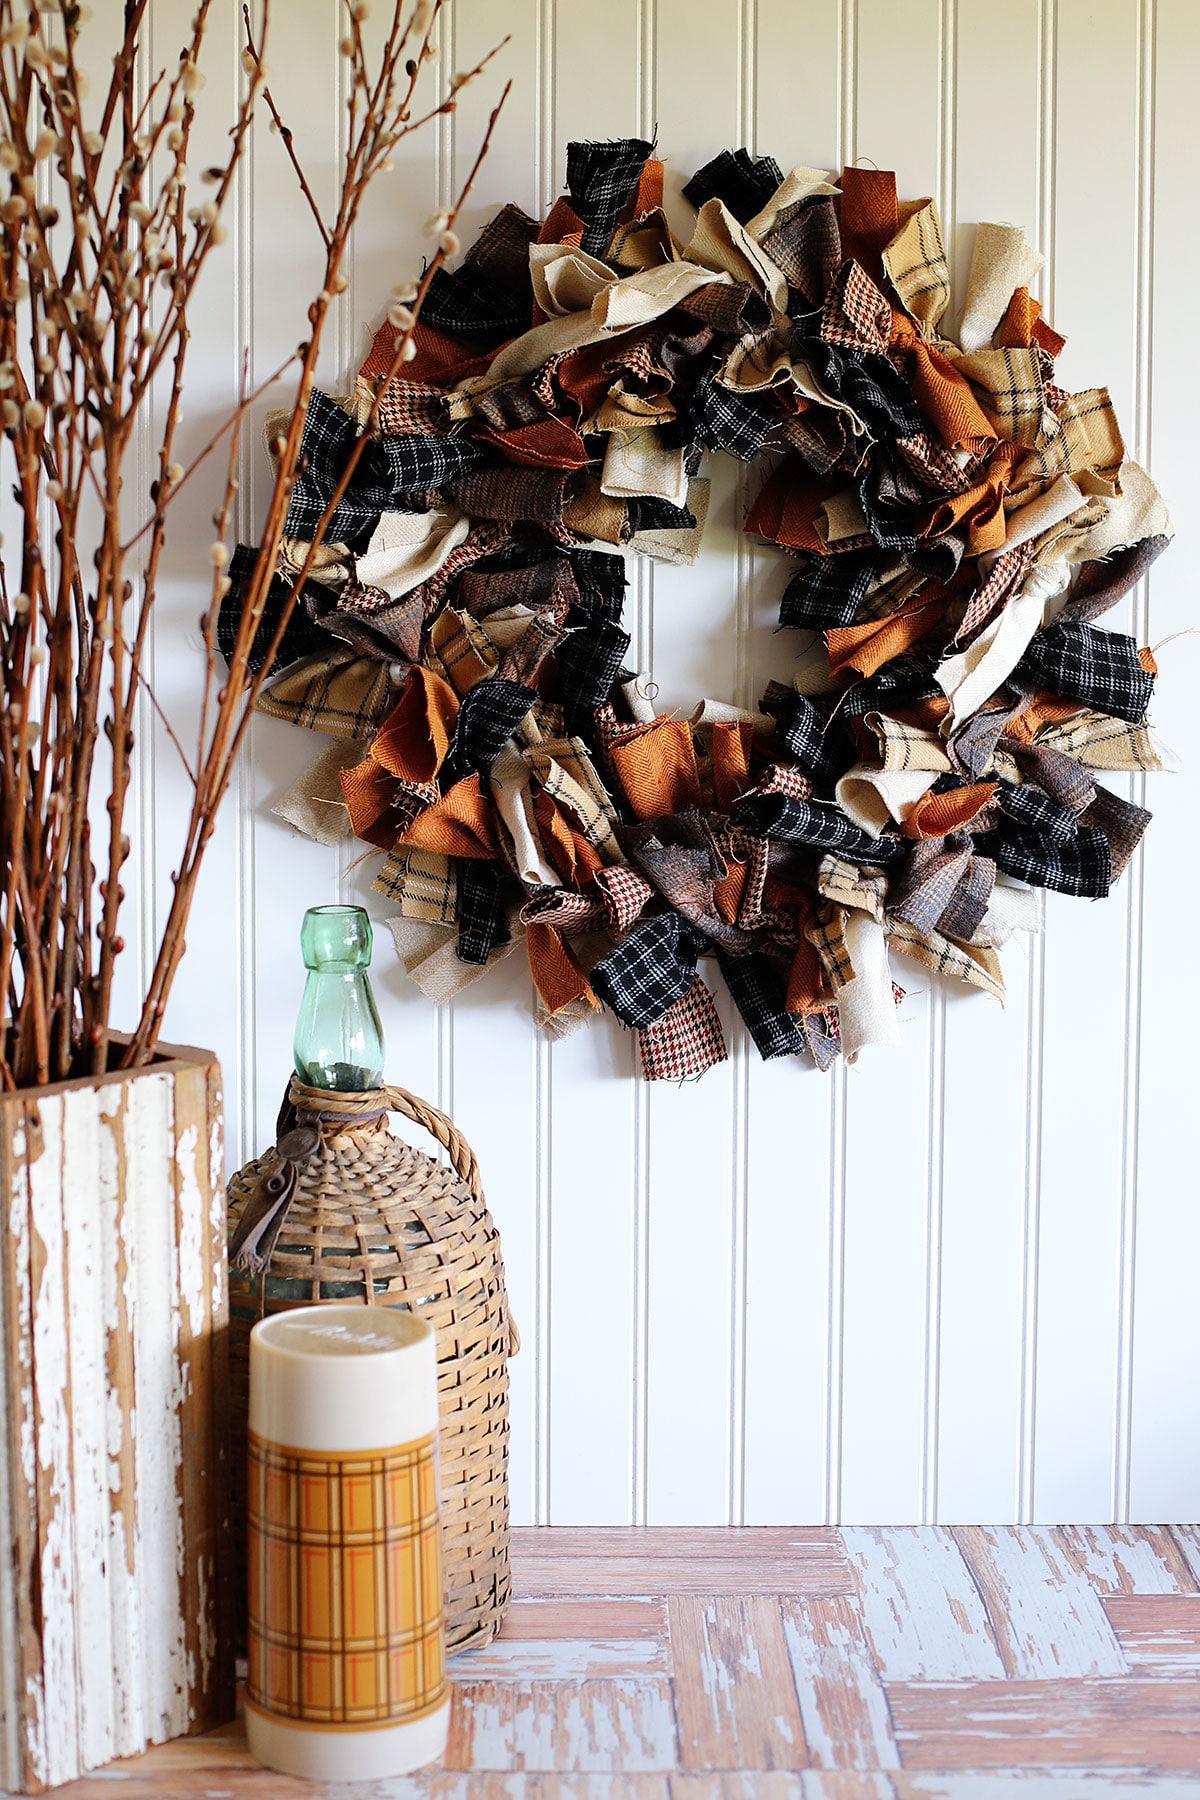 Tutorial para hacer una corona de trapo: muestra una corona de trapo colgada en la pared junto a un jarrón de madera con ramitas, una vieja botella de vino cubierta de mimbre y un termo marrón.